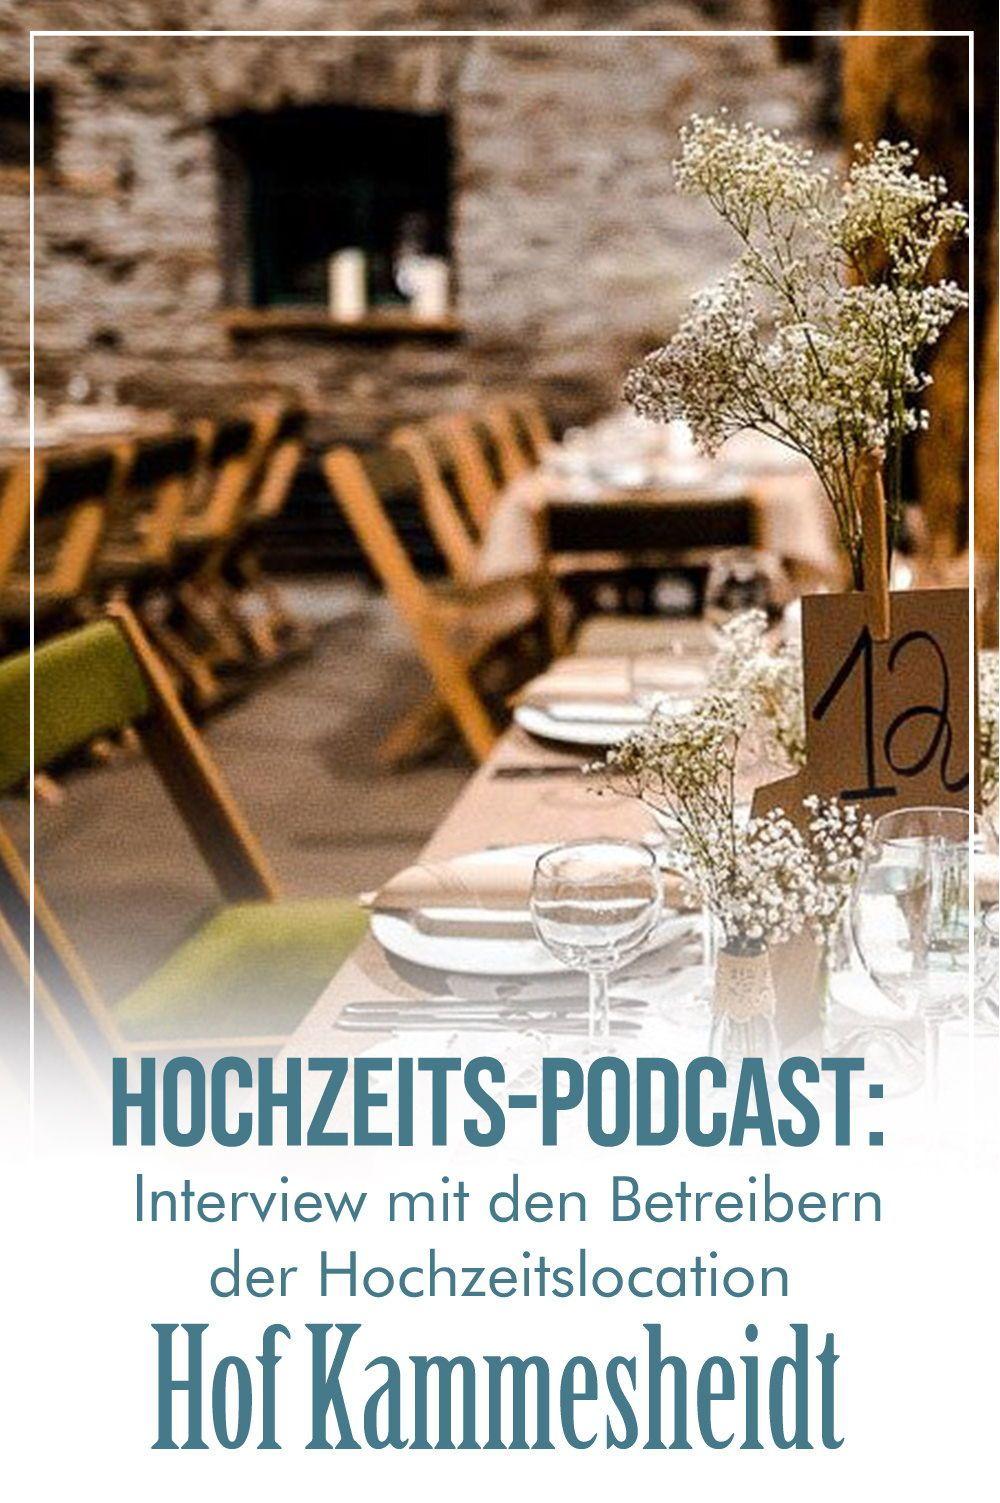 In Meinem Hochzeits Podcast Befrage Ich Die Betreiber Der Festscheune Bauernhof Kammesheidt Rund Um Ihre Hochzeitslocation Hochzeitslocation Nrw Hochzeit Party